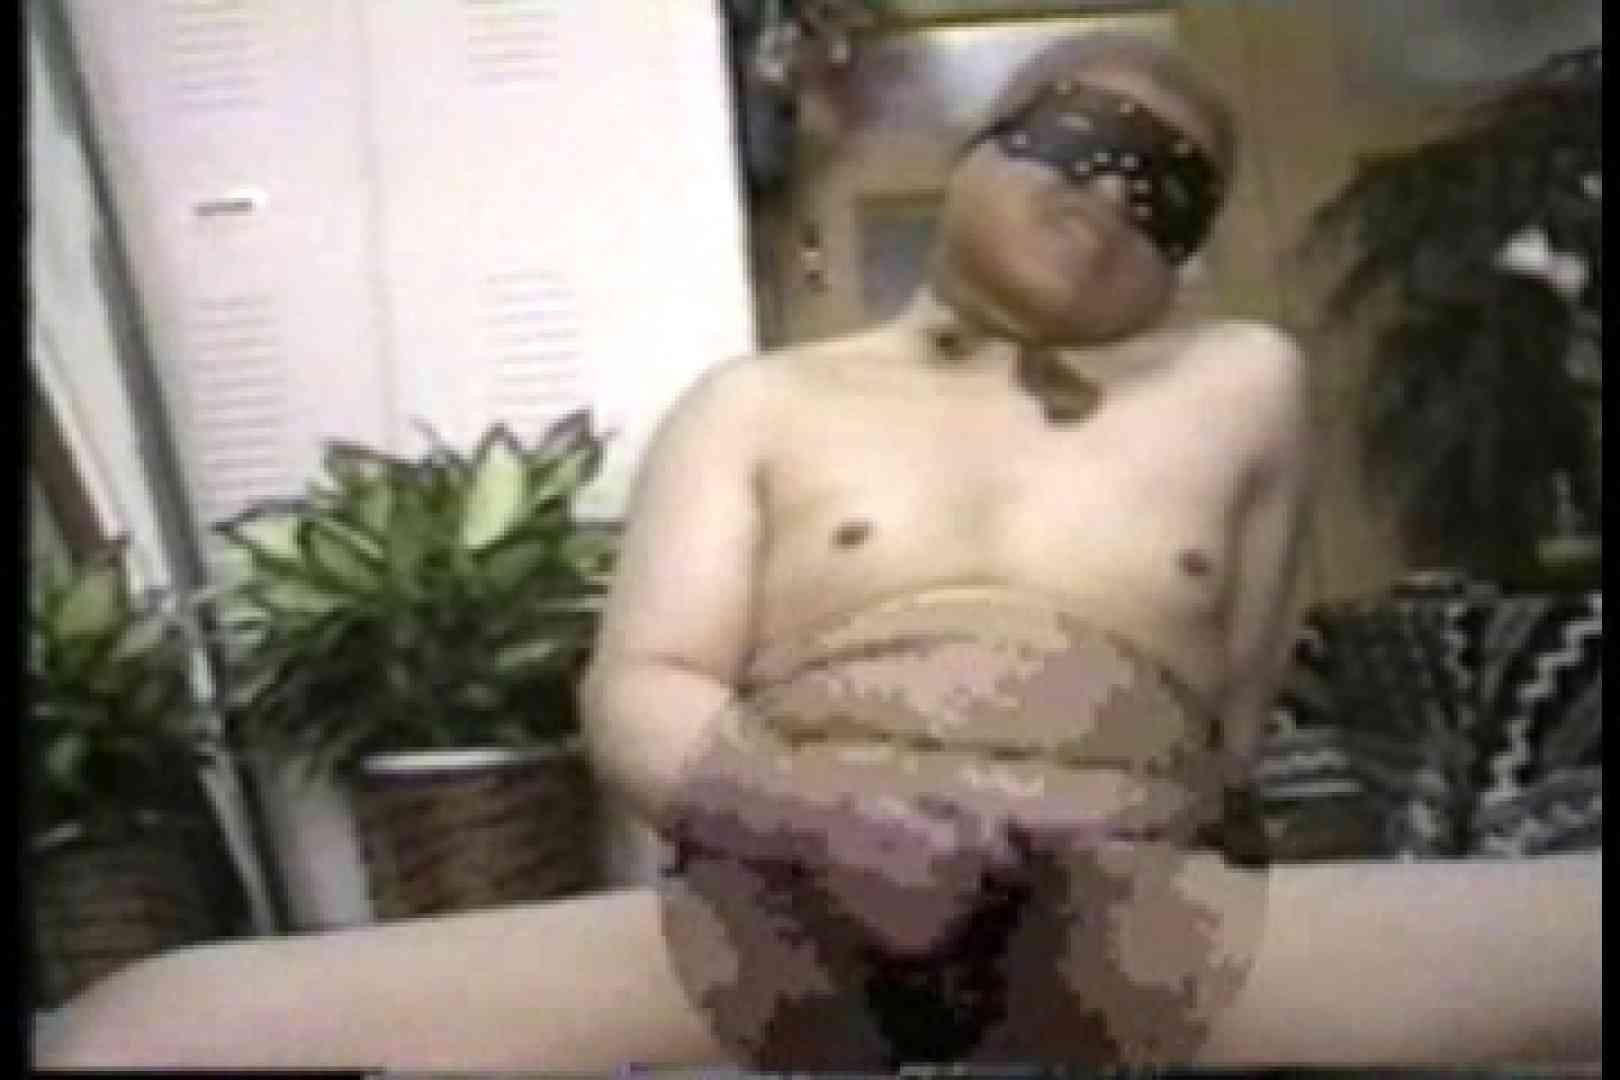 太った男じゃダメですか?10 ディルド ゲイエロビデオ画像 99枚 65